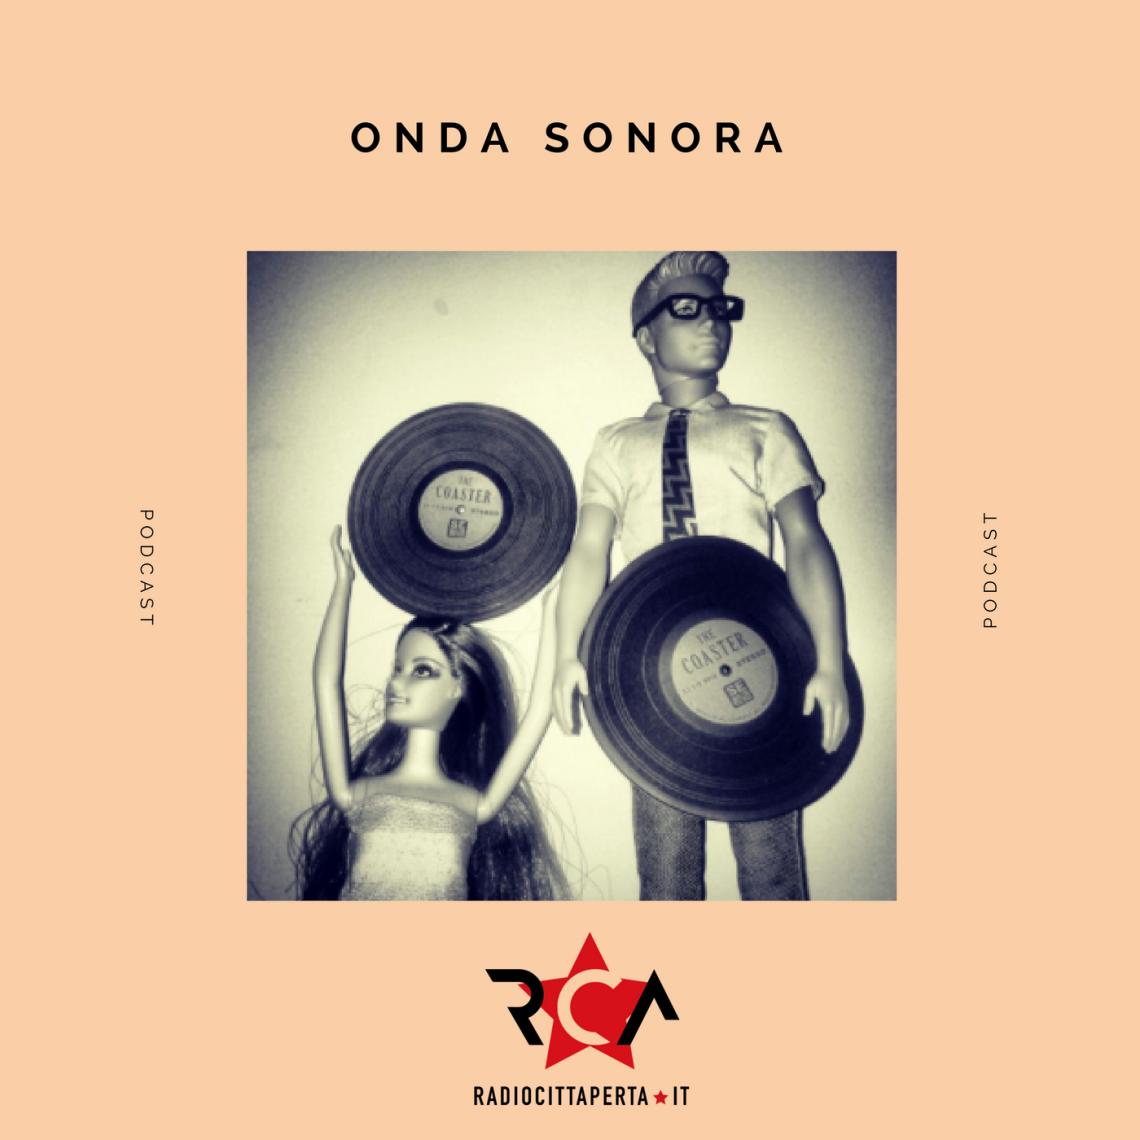 ONDA SONORA con IRENE WORMS del 16-10-2018